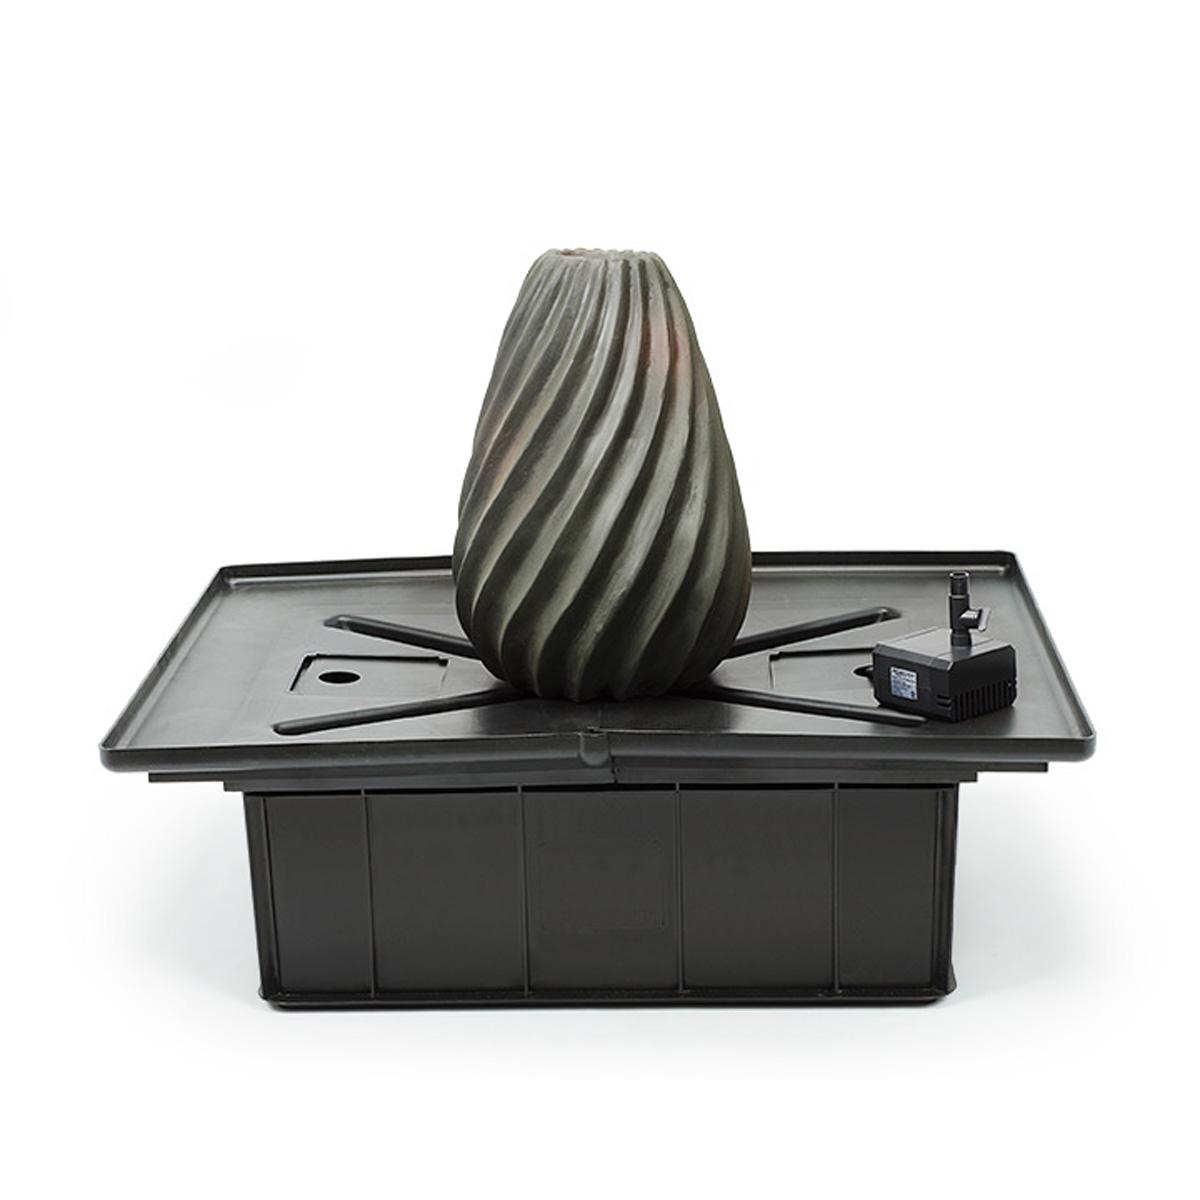 Swirly Vase Fountain Kit